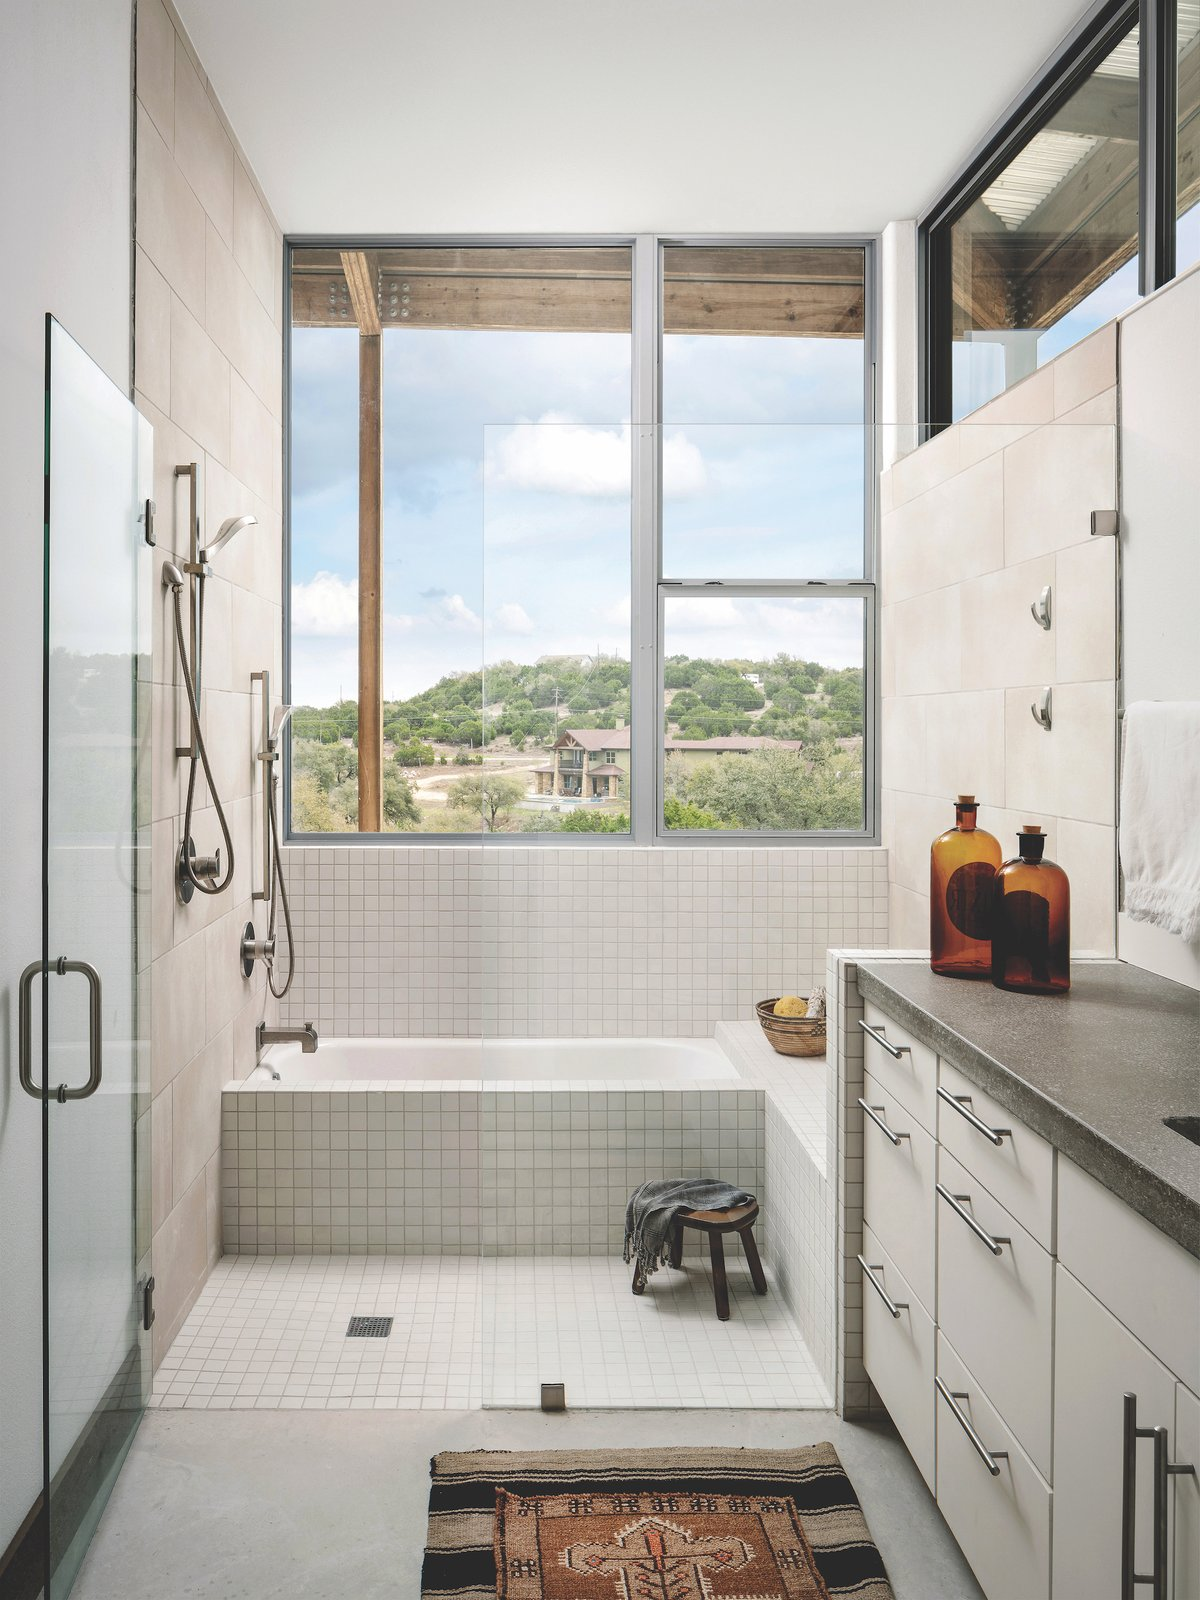 Bathroom of Dakota Mountain by LowDO.